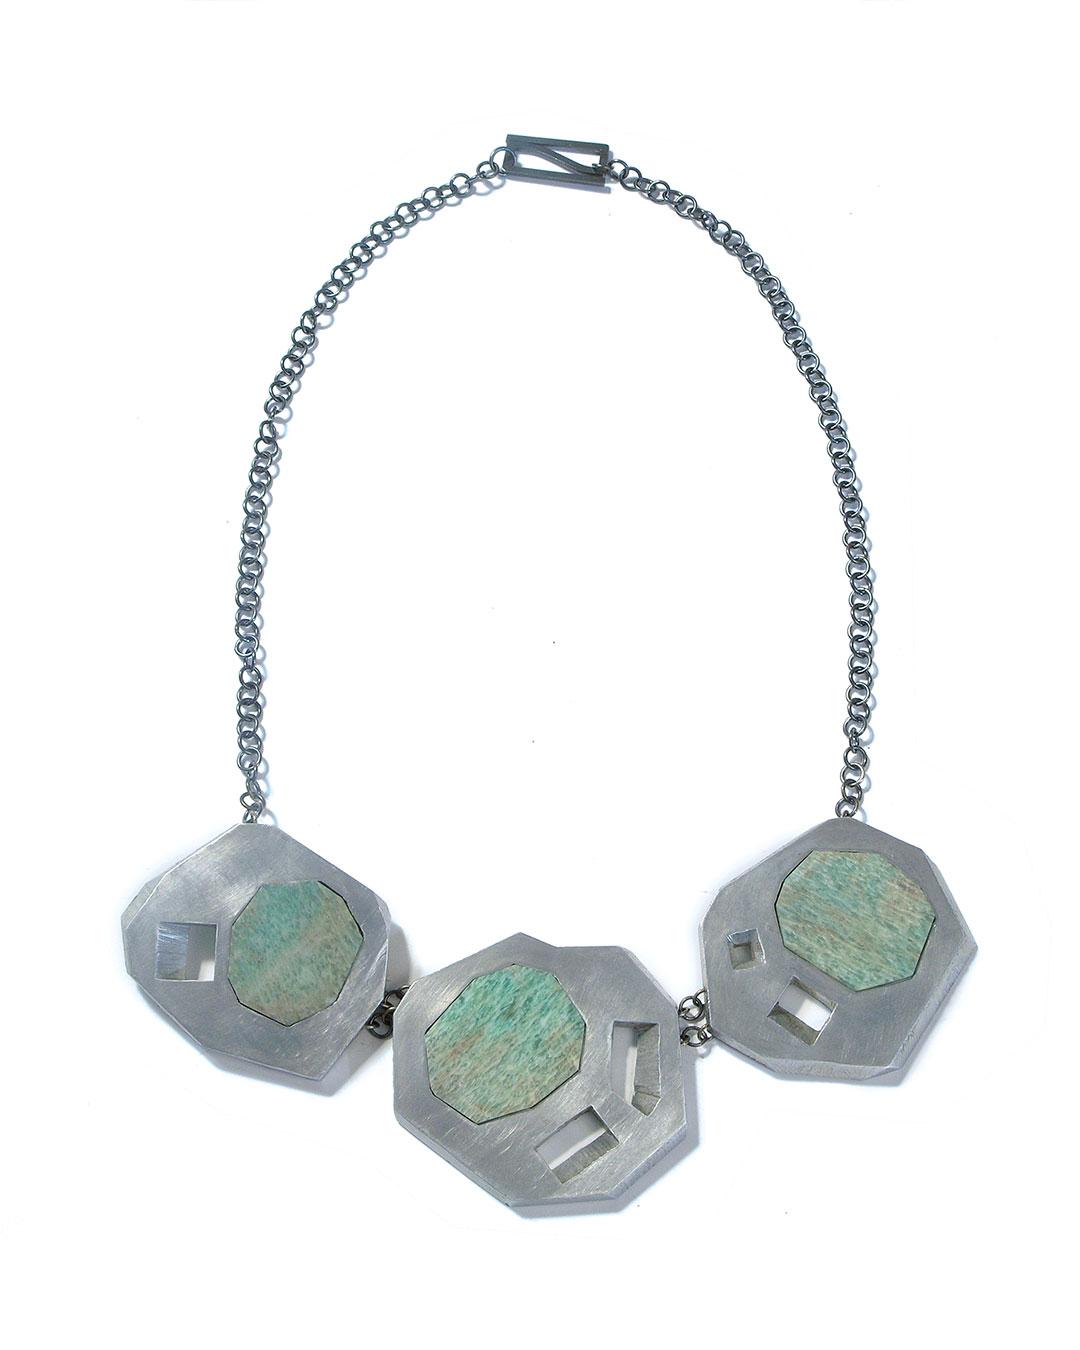 Sybille Richter, Wiesen (Meadow), 2009, necklace; aluminium, 935 silver, agate, 60 x 50 x 5 mm, €1020